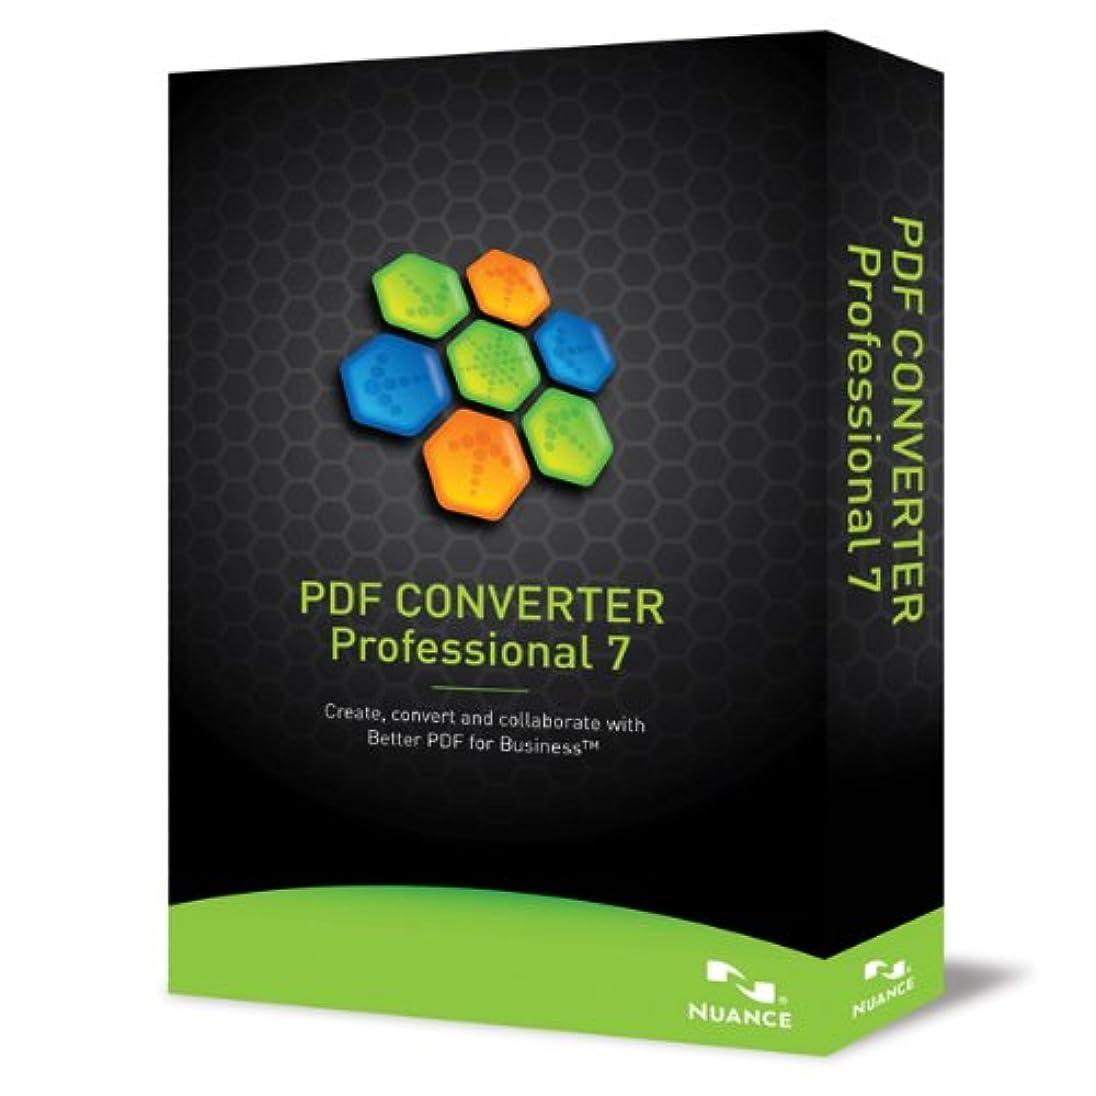 転倒枯渇するアルコーブPDF Converter Professional 7.2 多言語対応版